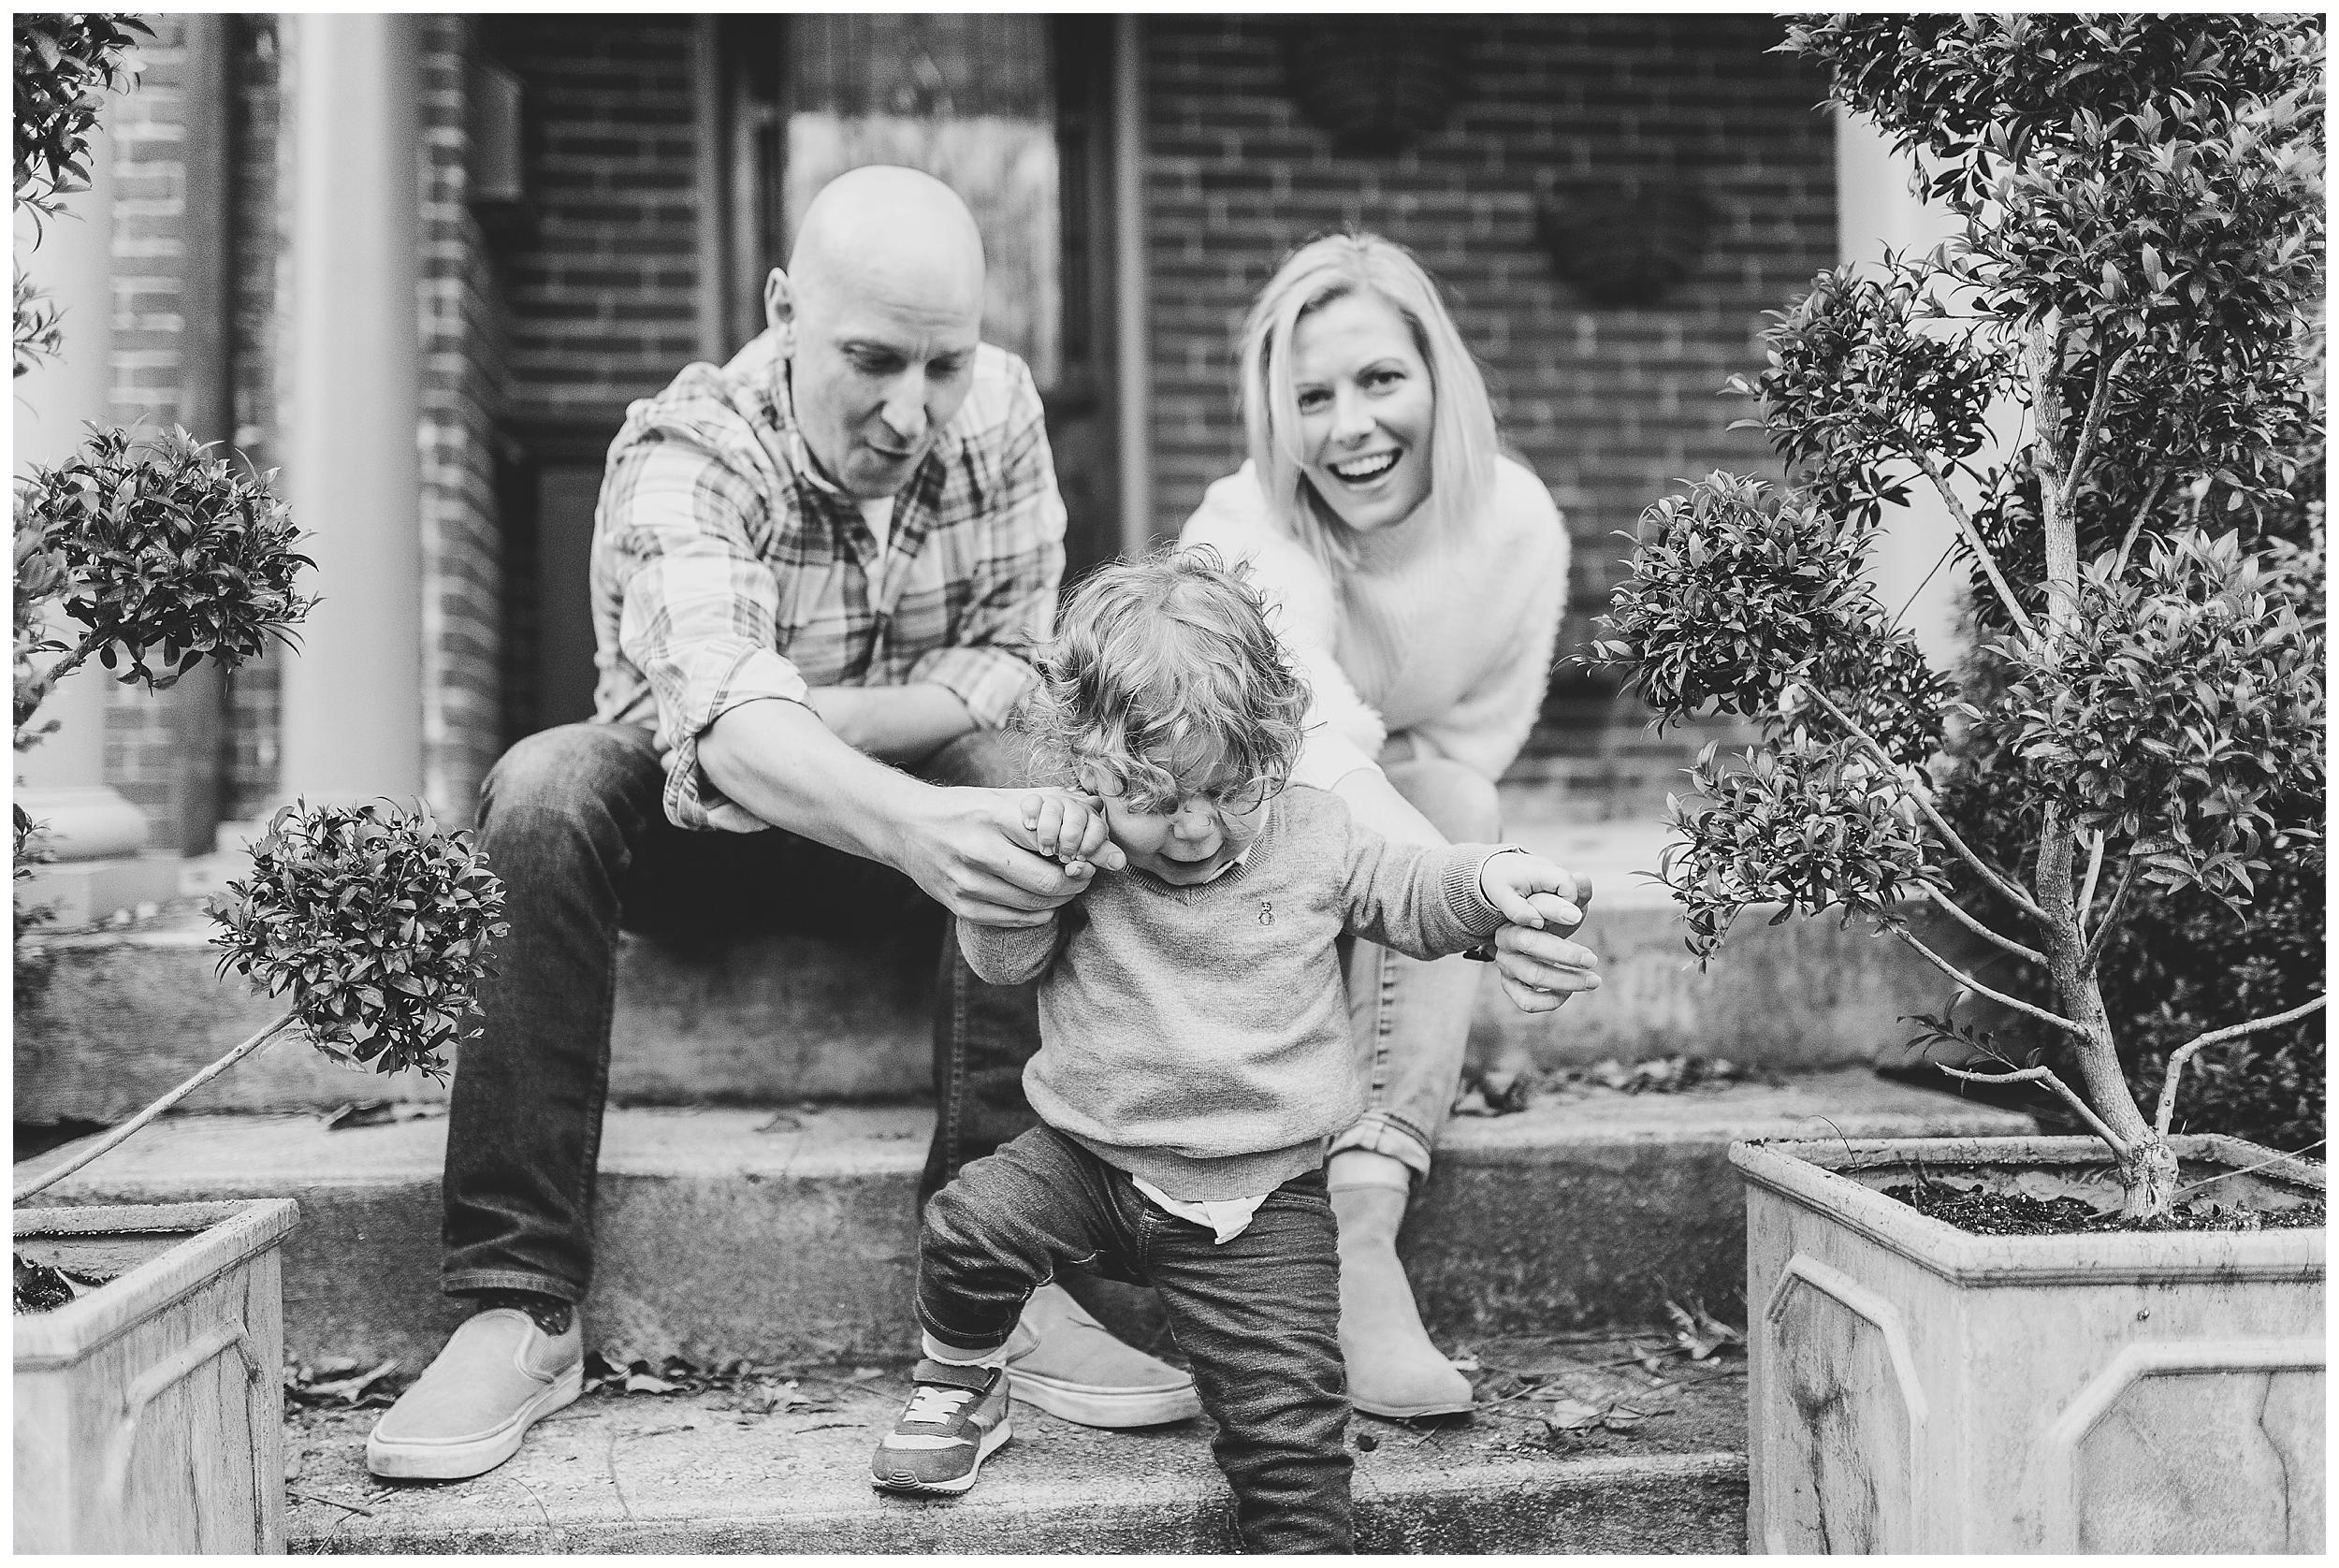 lexington-ky-family-lifestyle-photos-by-priscilla-baierlein_0381.jpg